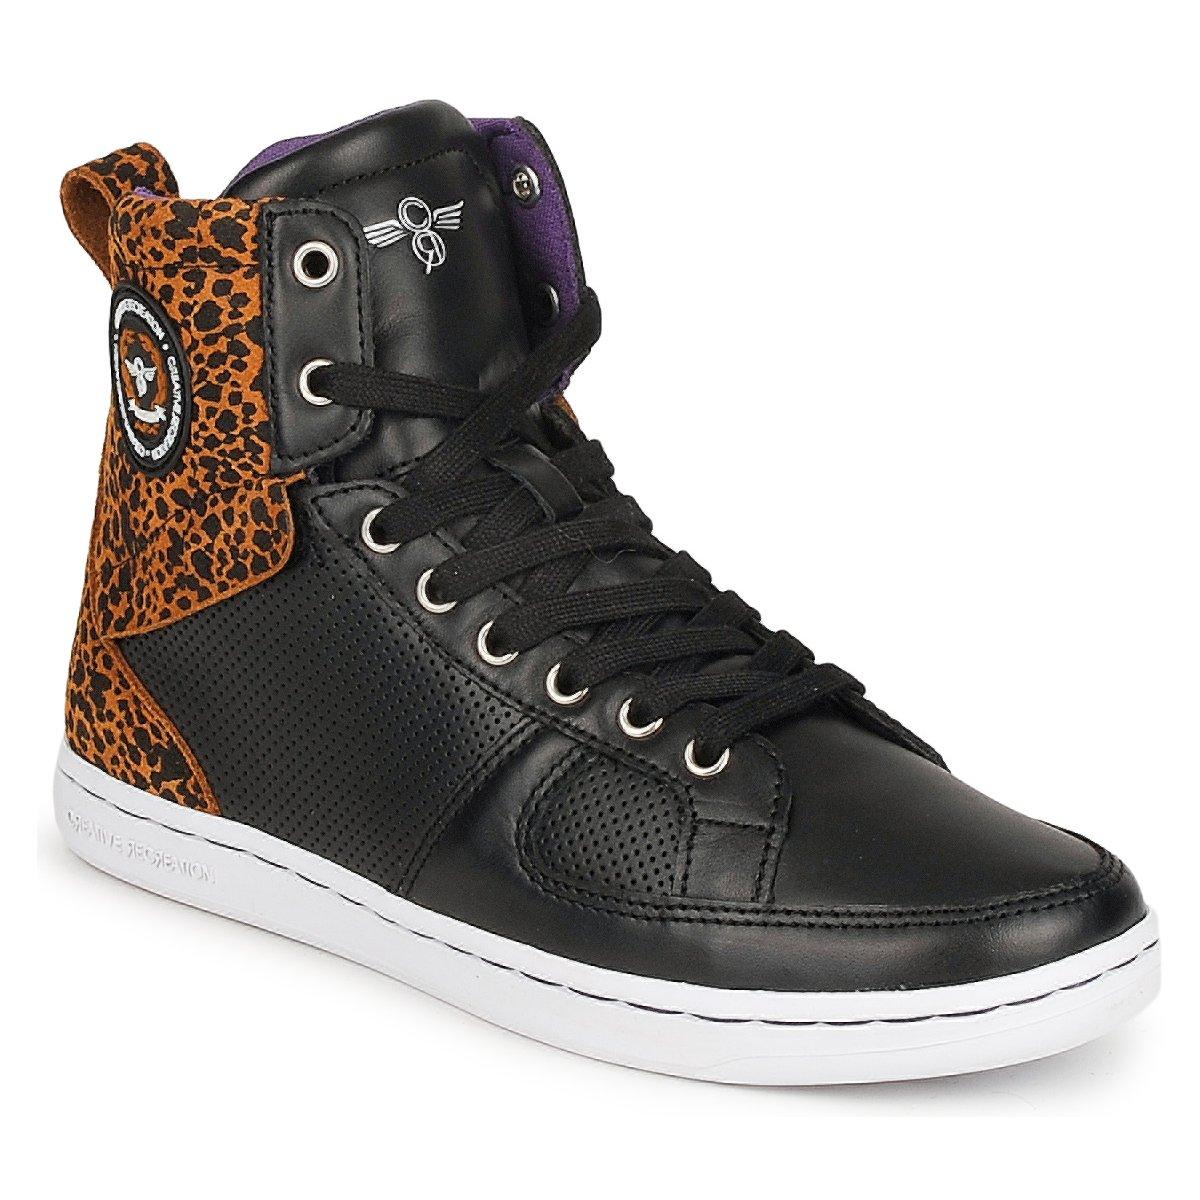 Creative Recreation W SOLANO Schwarz - Kostenloser Versand bei Spartoode ! - Schuhe Sneaker High Damen 42,50 €